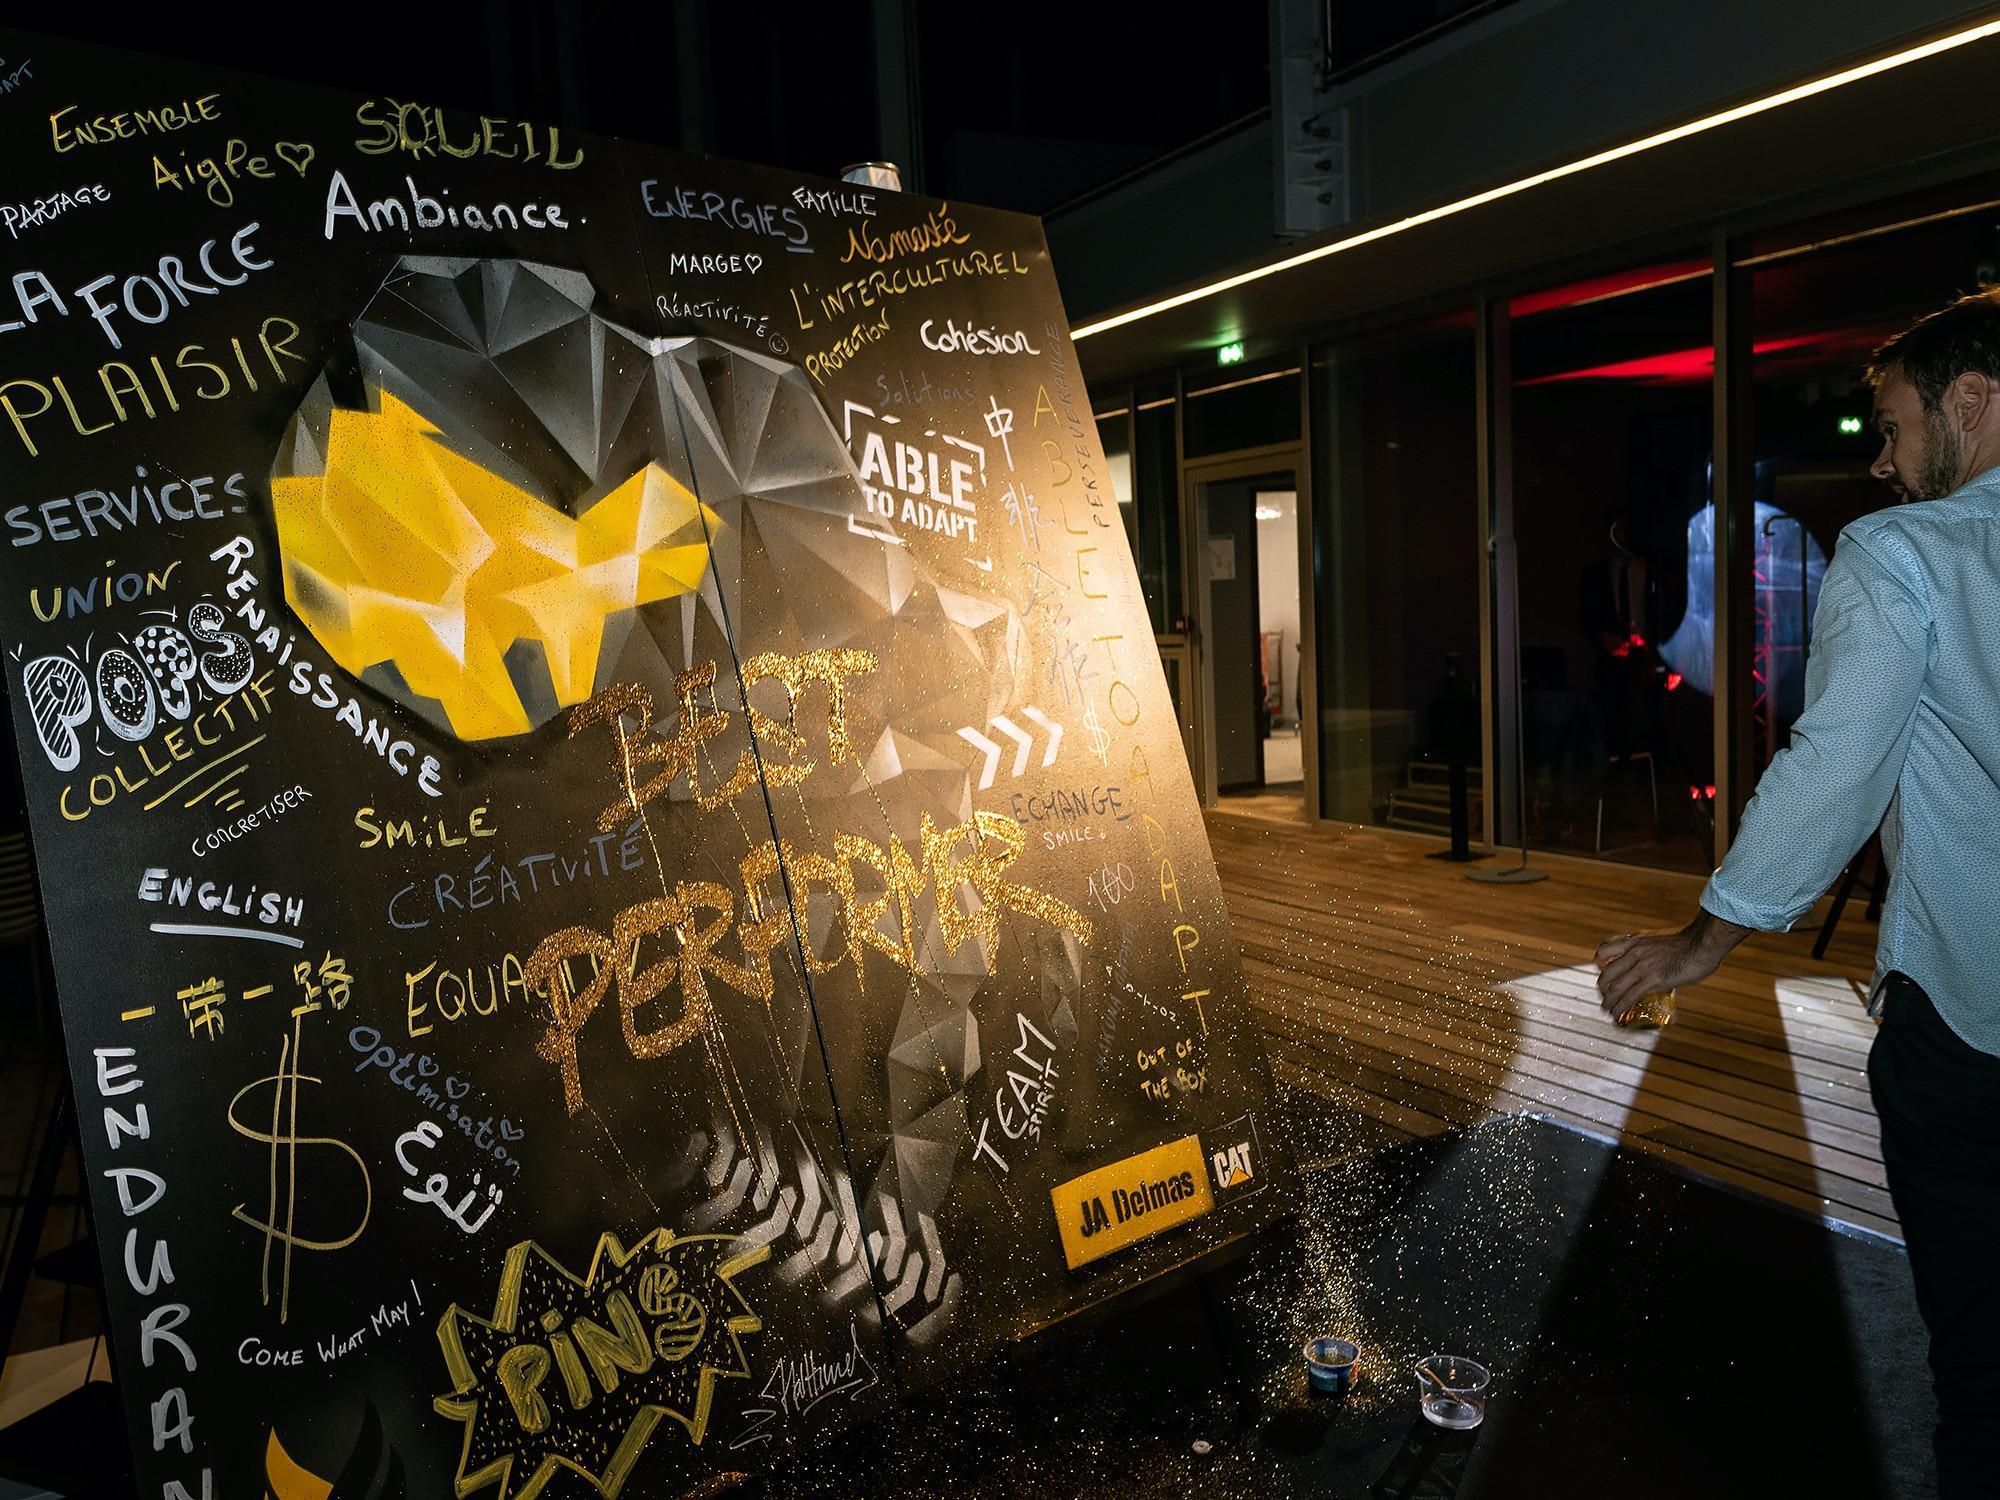 02-paillette-livepainting-graffiti-performance-graffeur